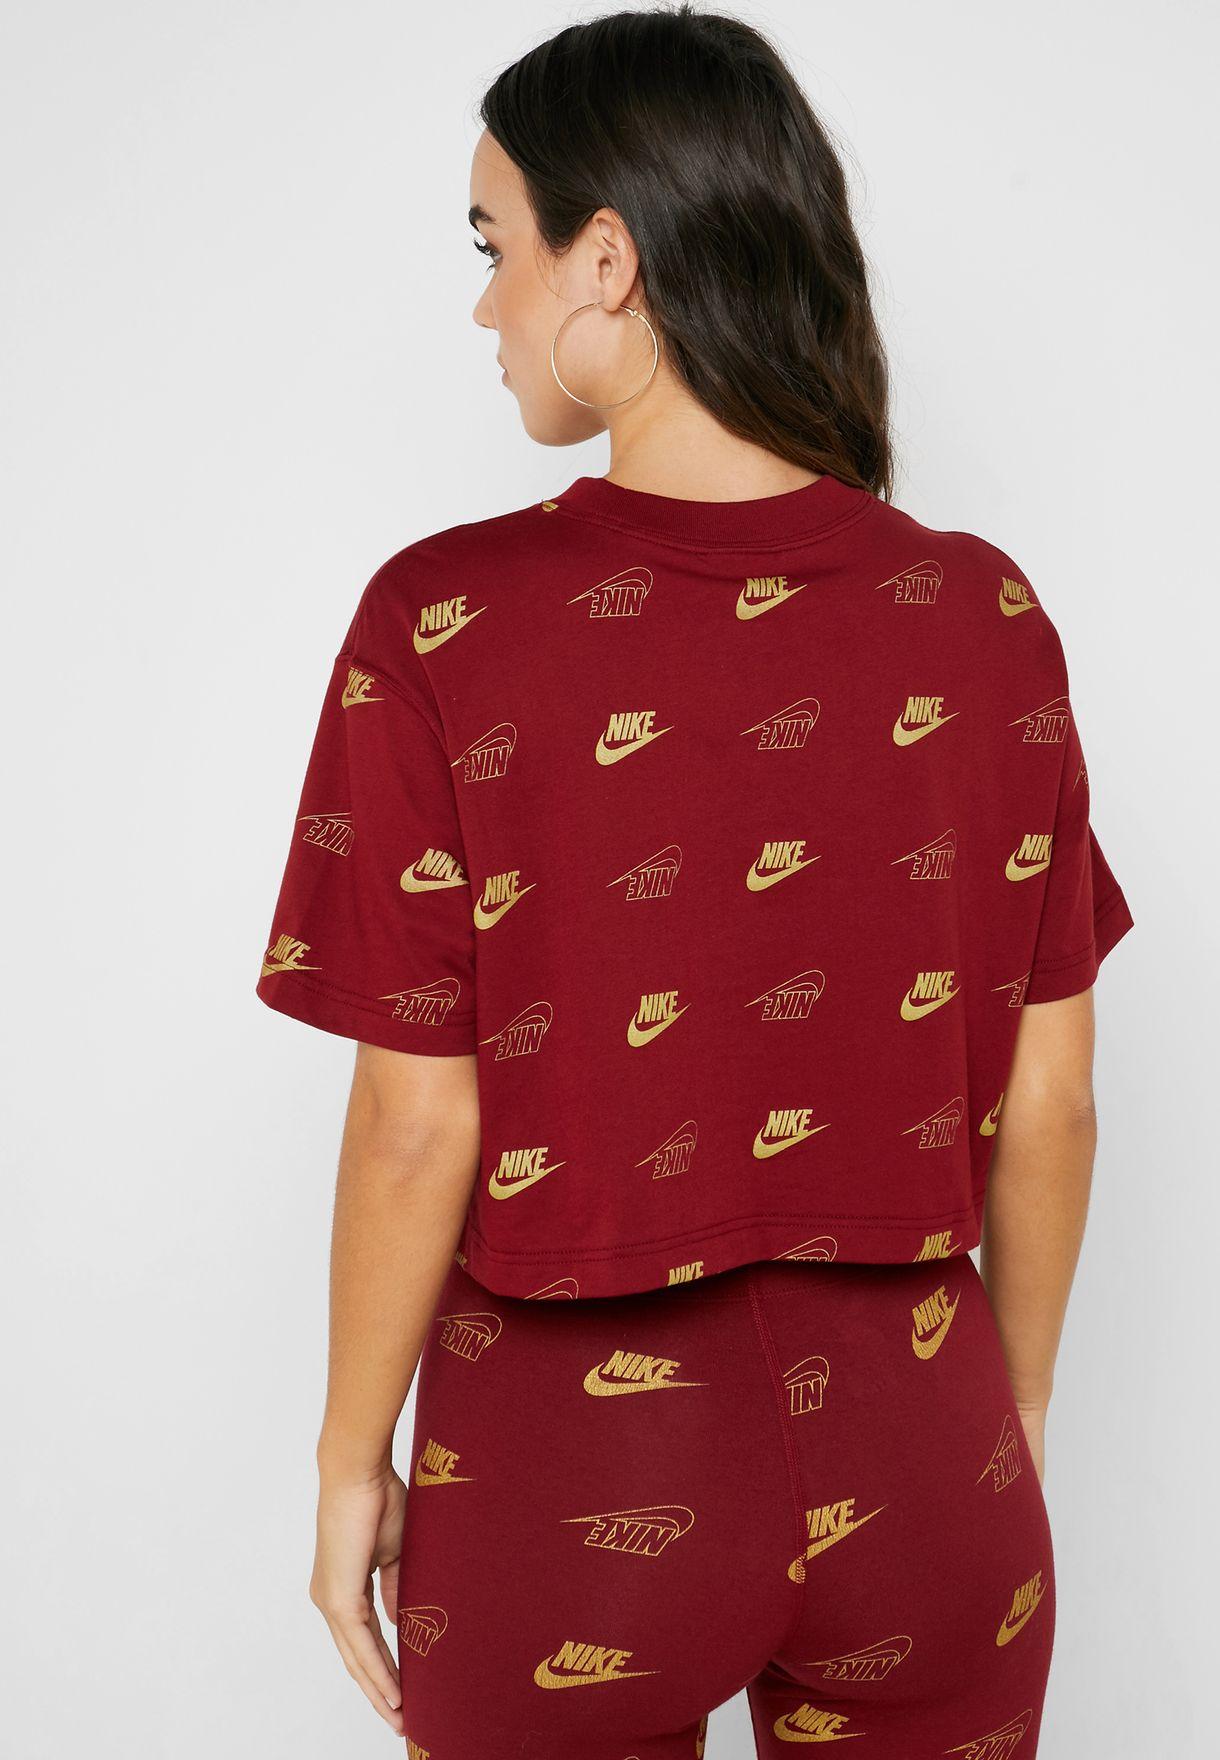 NSW Shine Cropped T-Shirt